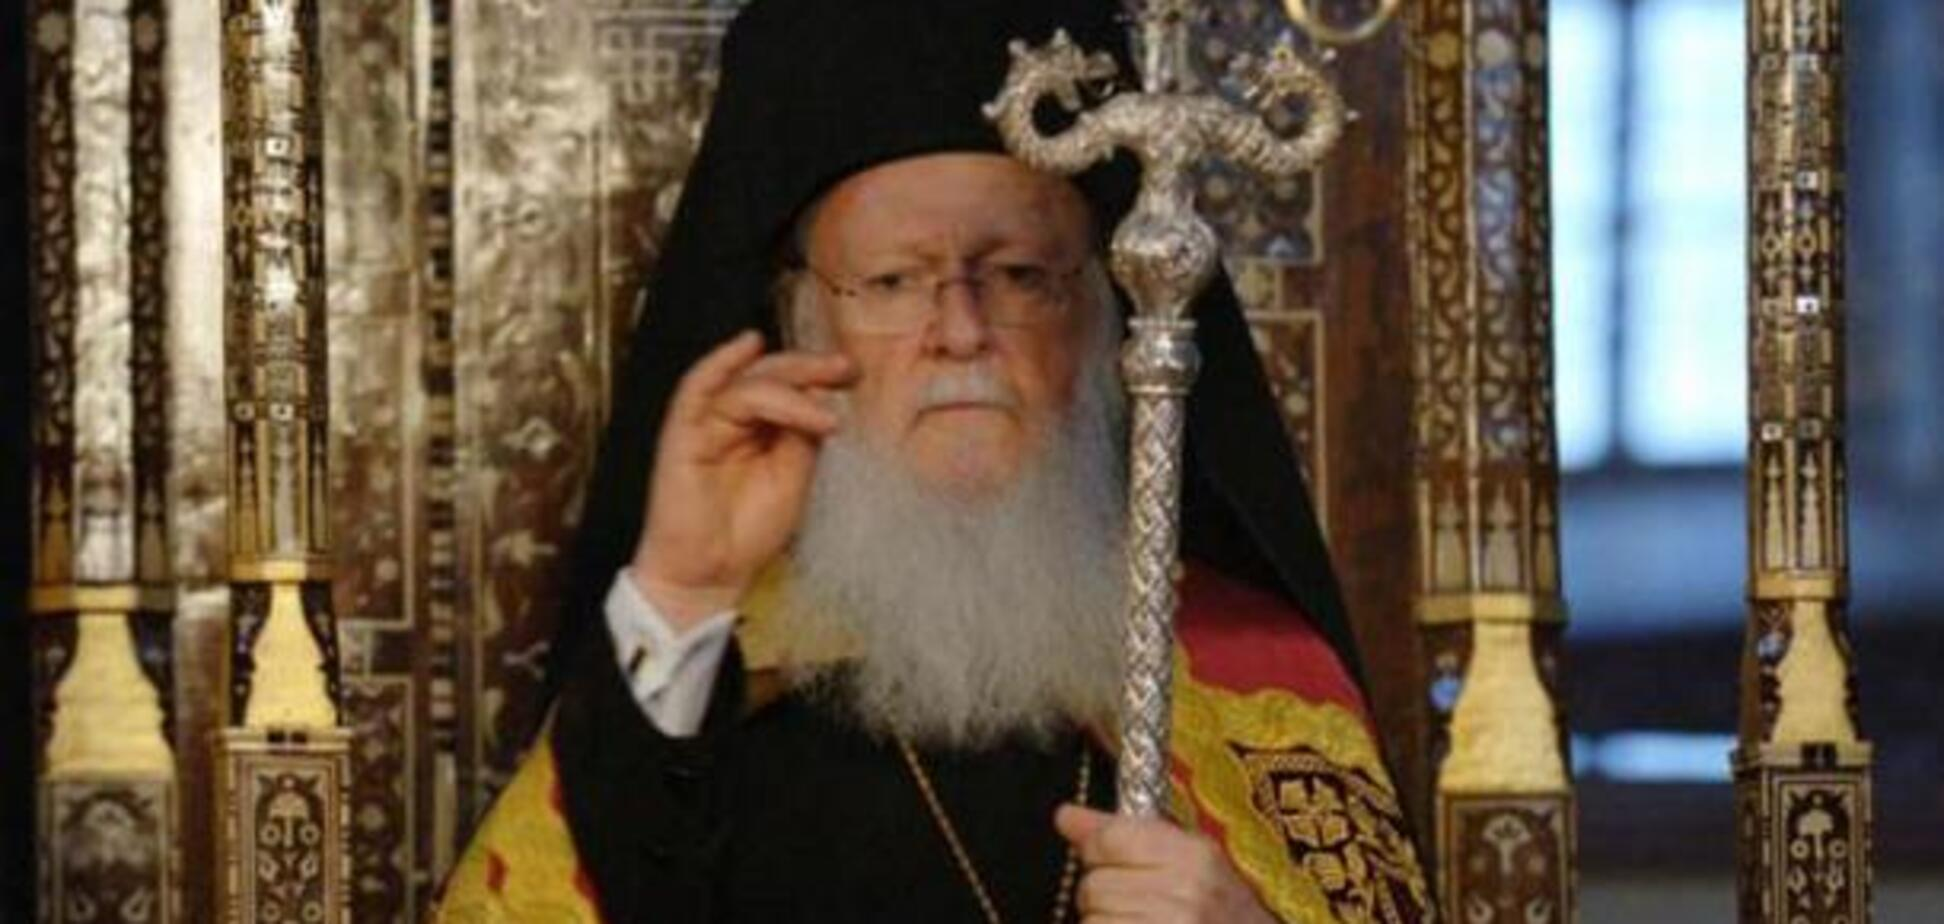 Росія може отруїти патріарха Варфоломія: релігієзнавець попередила про небезпеку